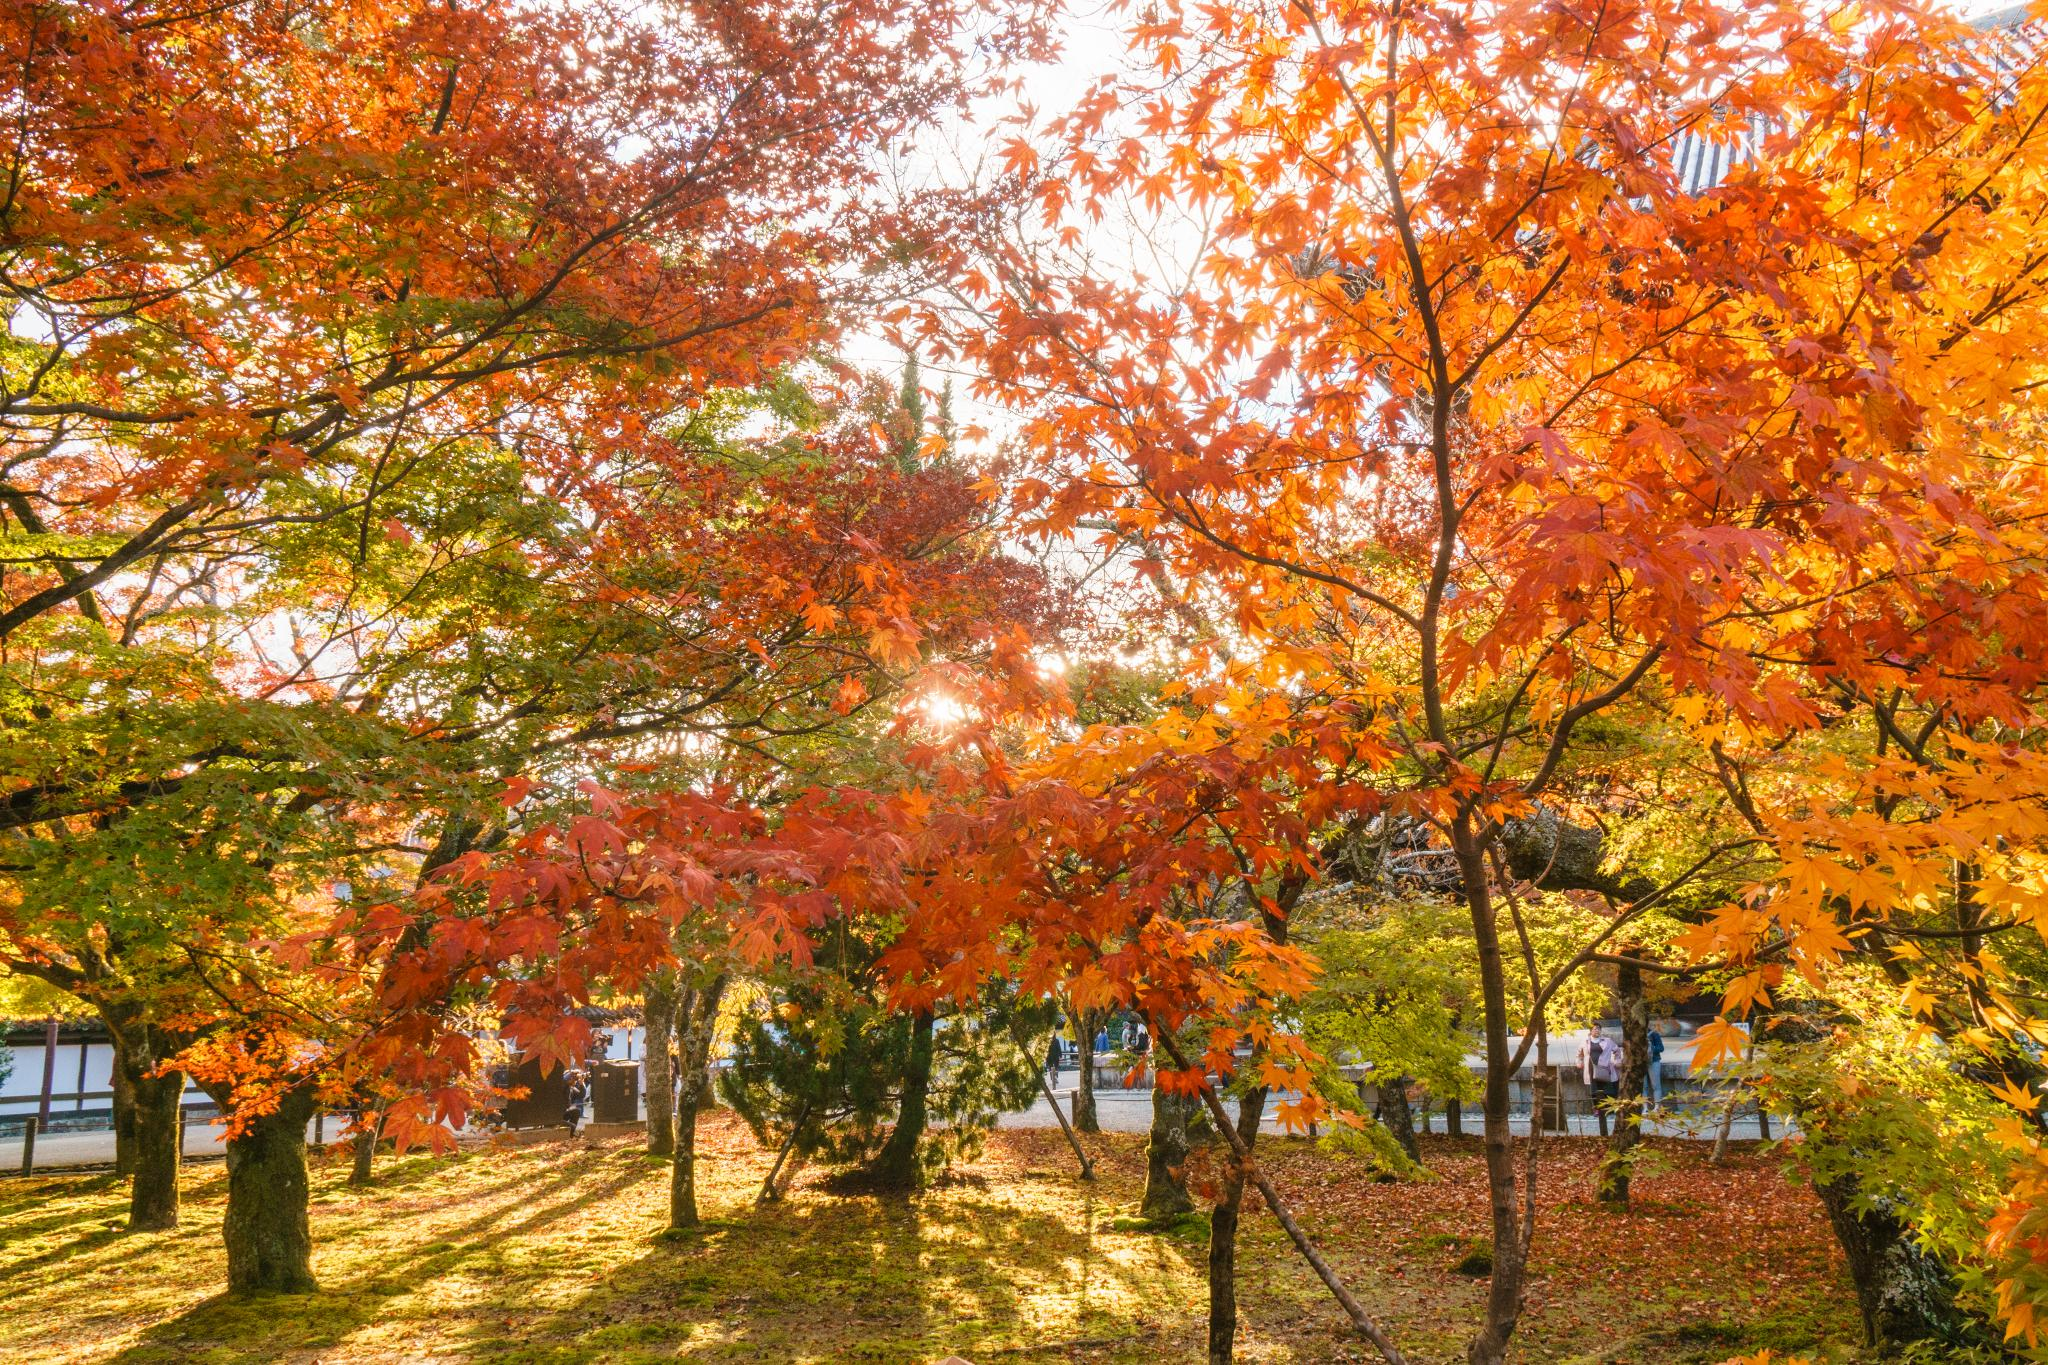 【京都】秋光葉影的古寺散策 - 南禪寺 86